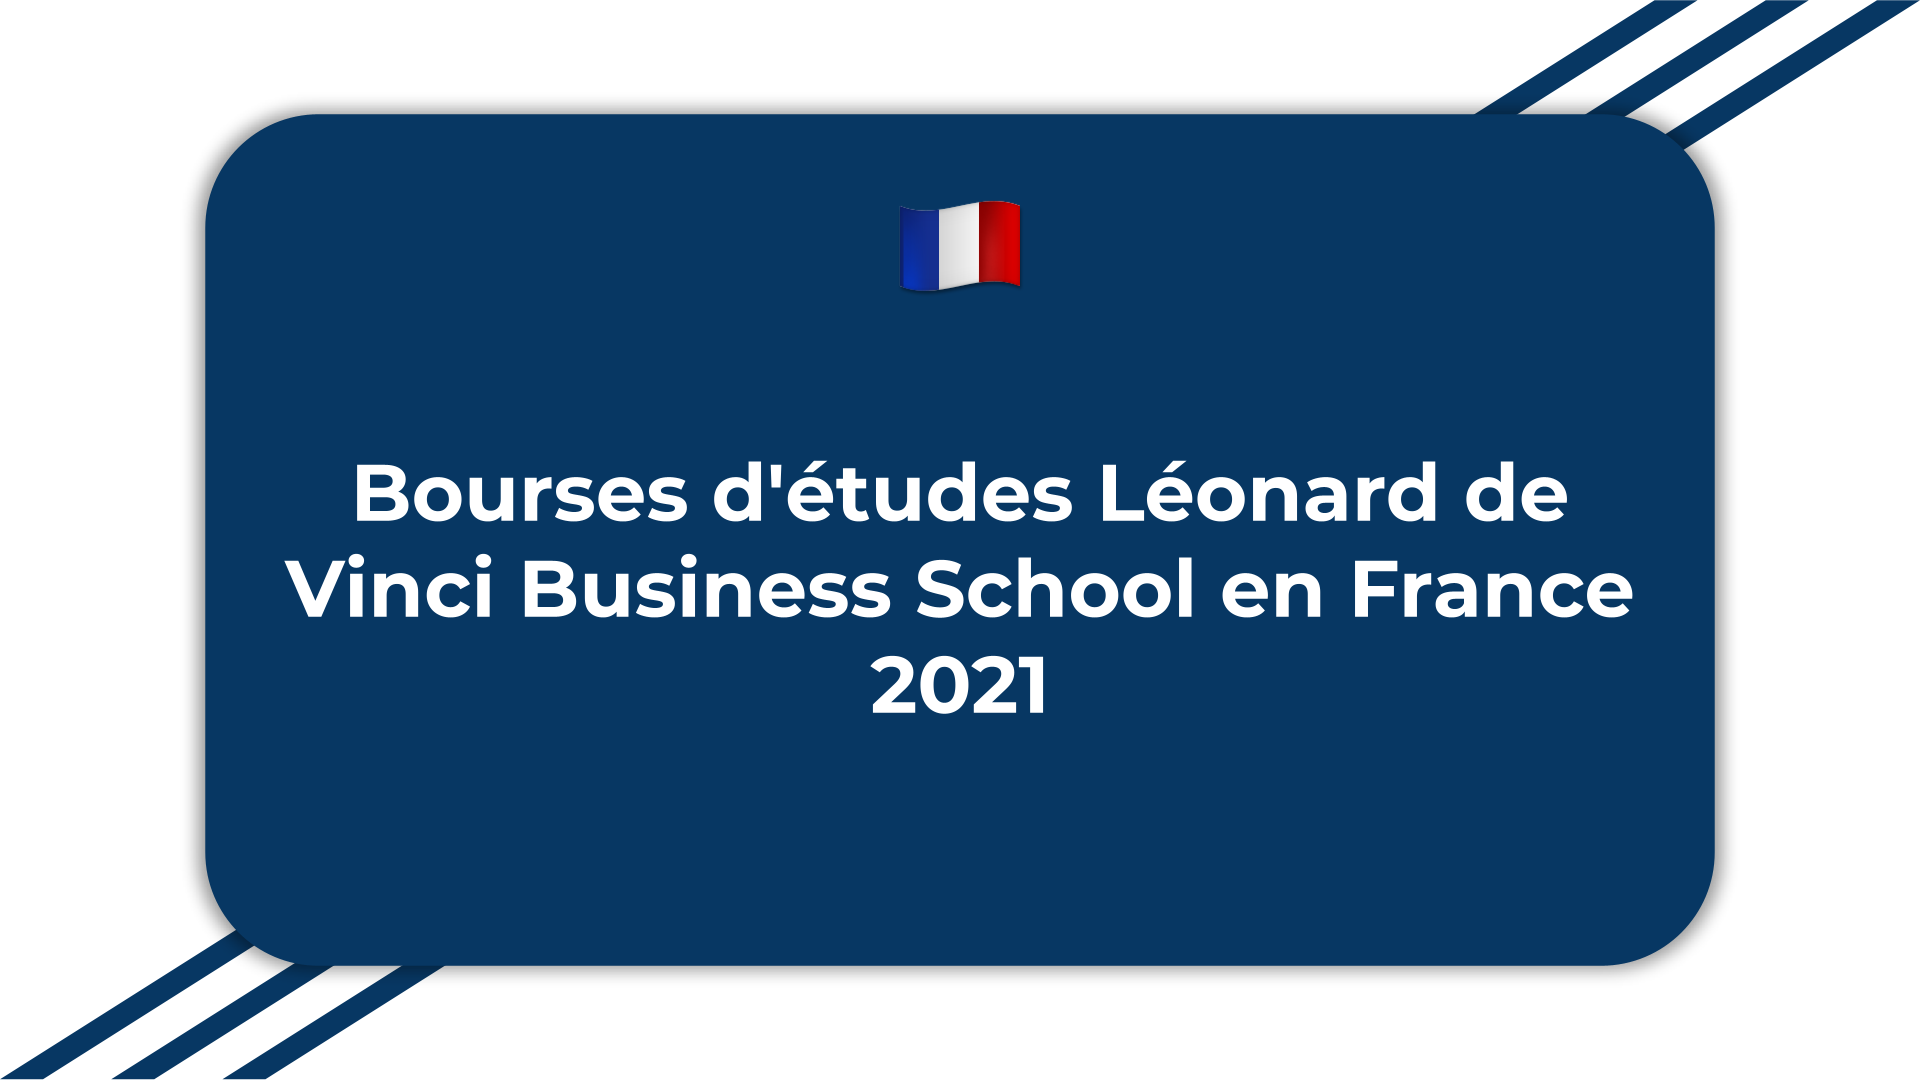 Bourses d'études Léonard de Vinci Business School